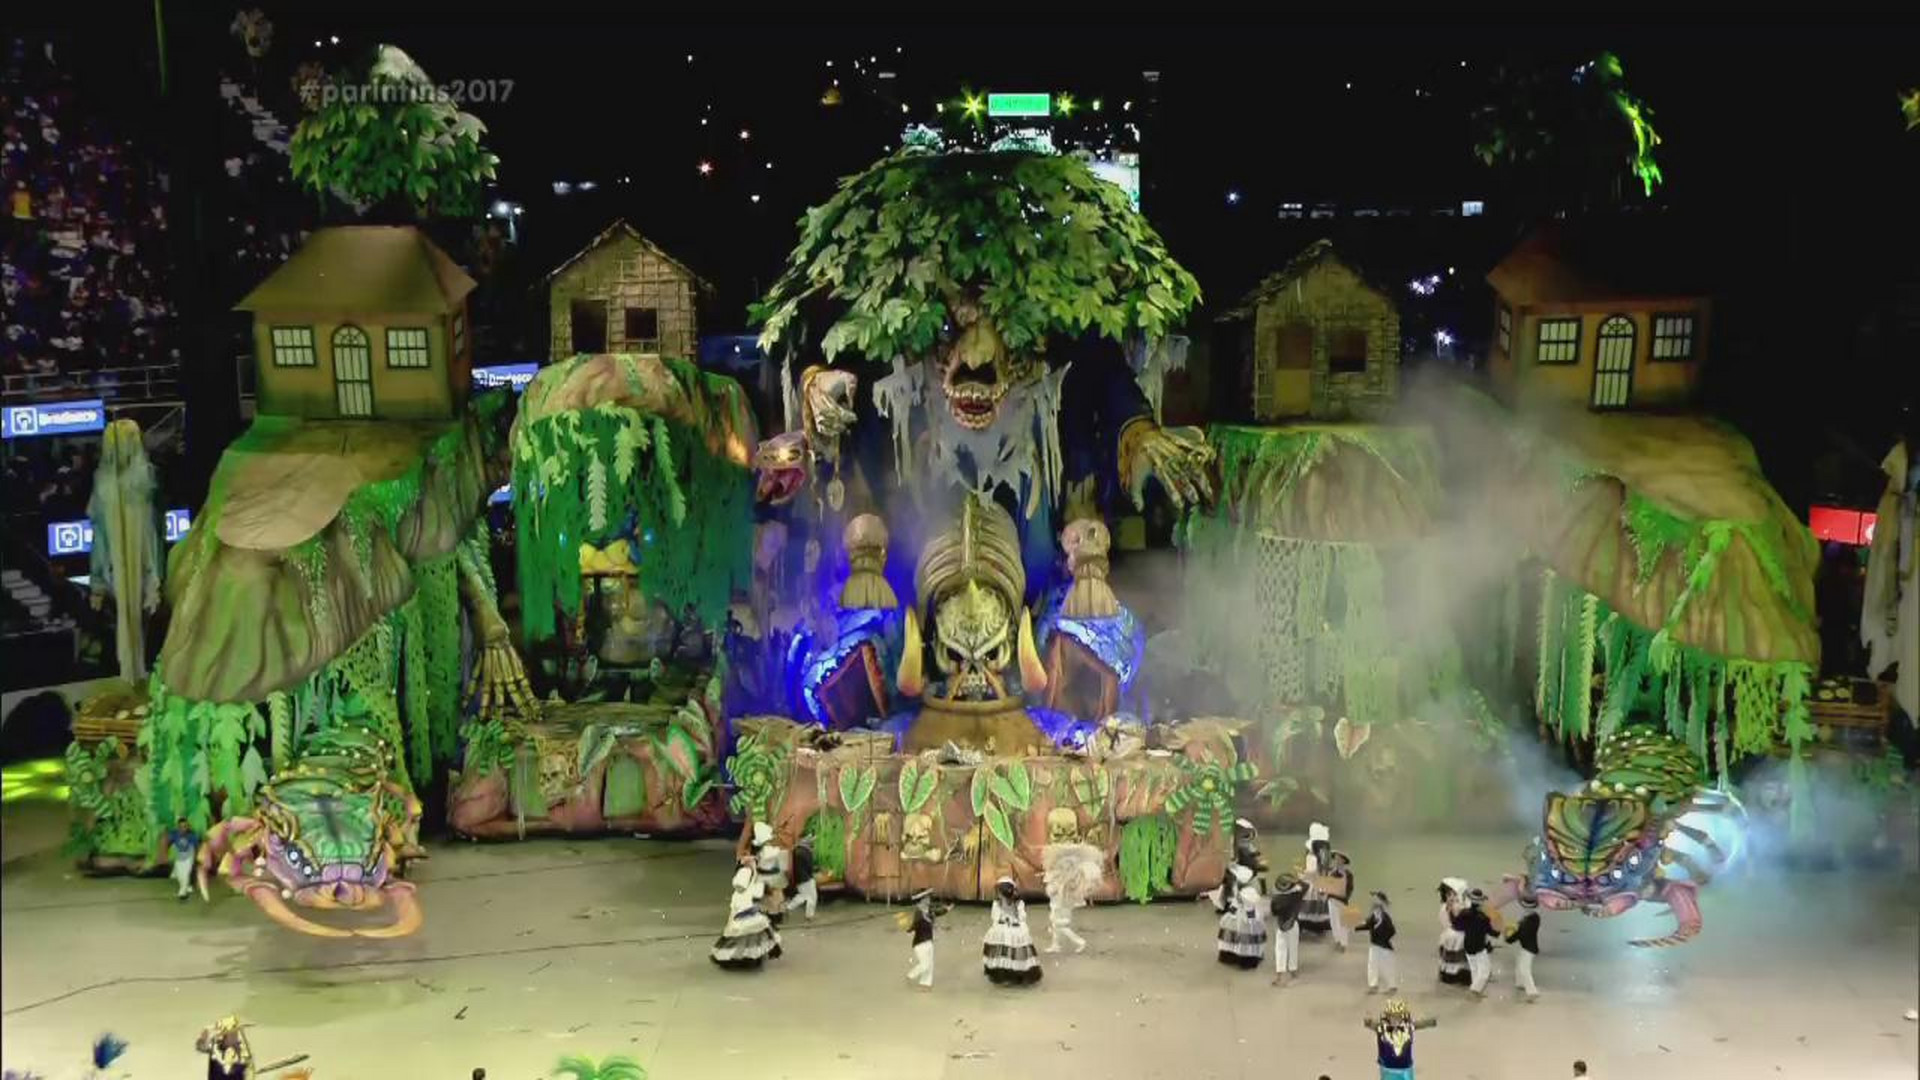 CONFIRA A APRESENTAÇÃO DA LENDA AMAZÔNICA DO BOI CAPRICHOSO - Terceira Noite - 02/07/17